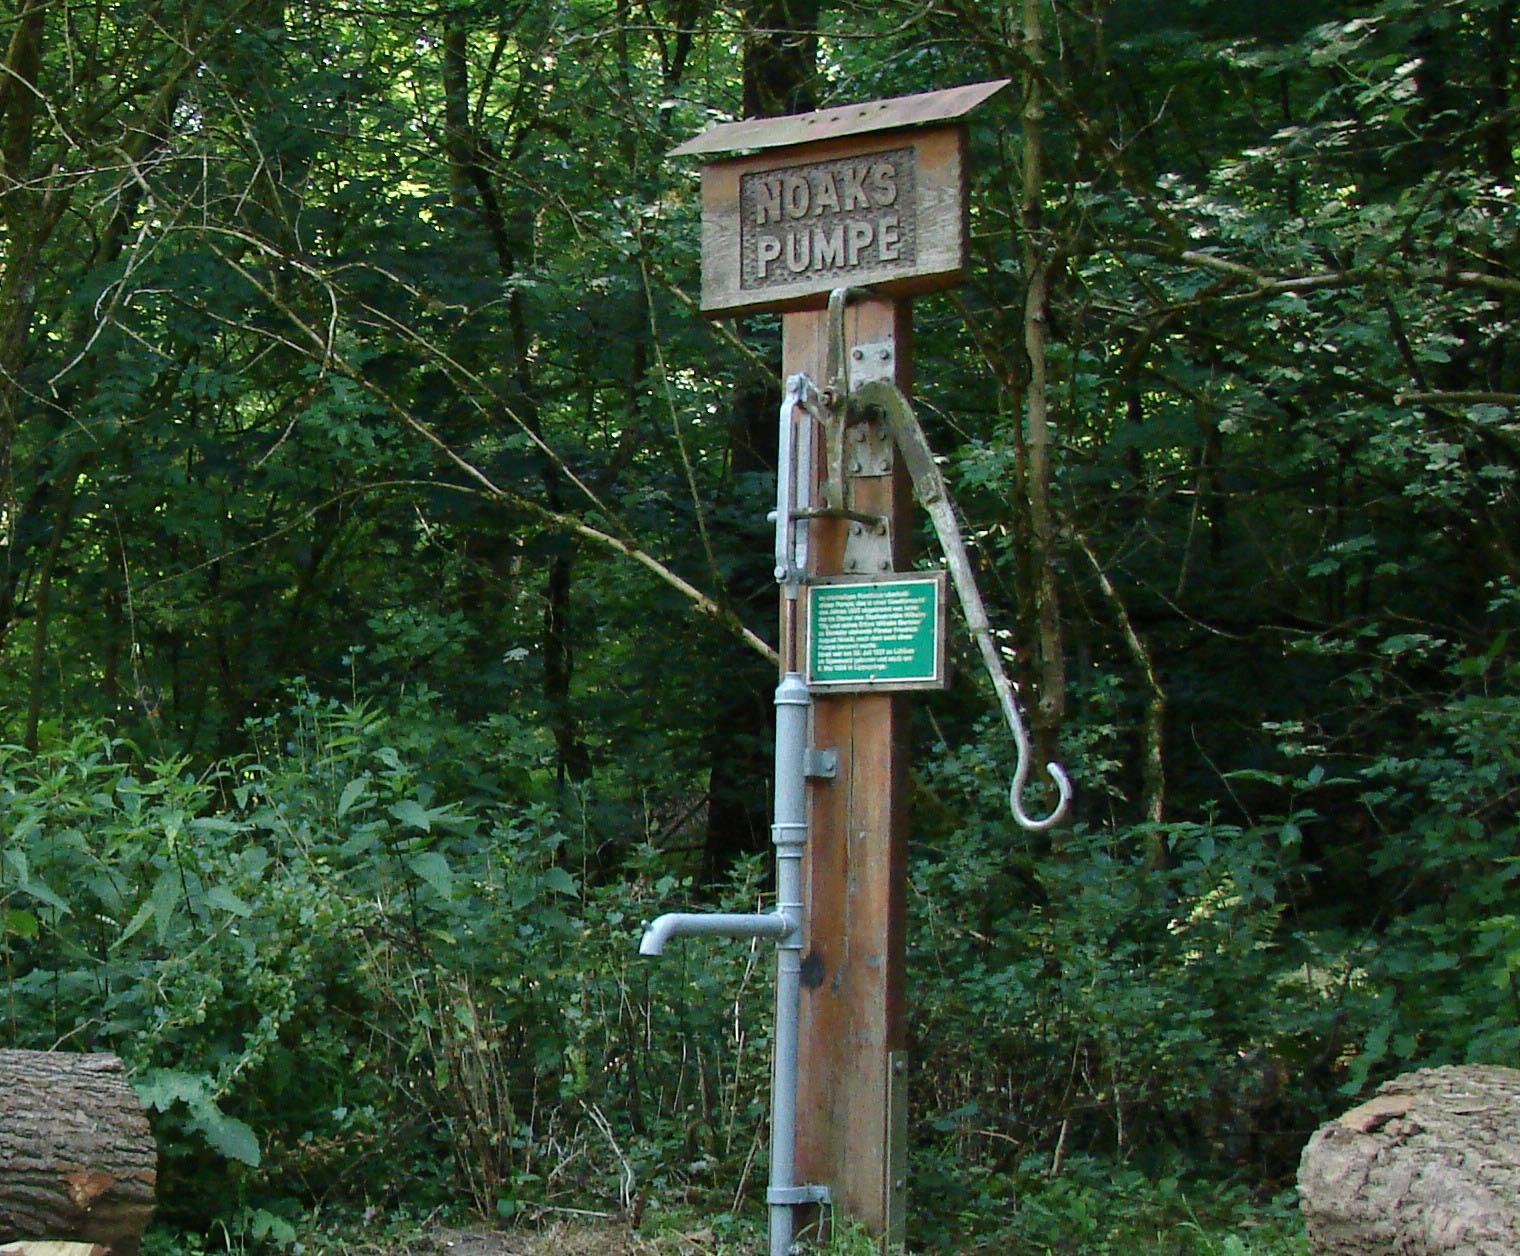 Noaks Pumpe Lippspringer Wald